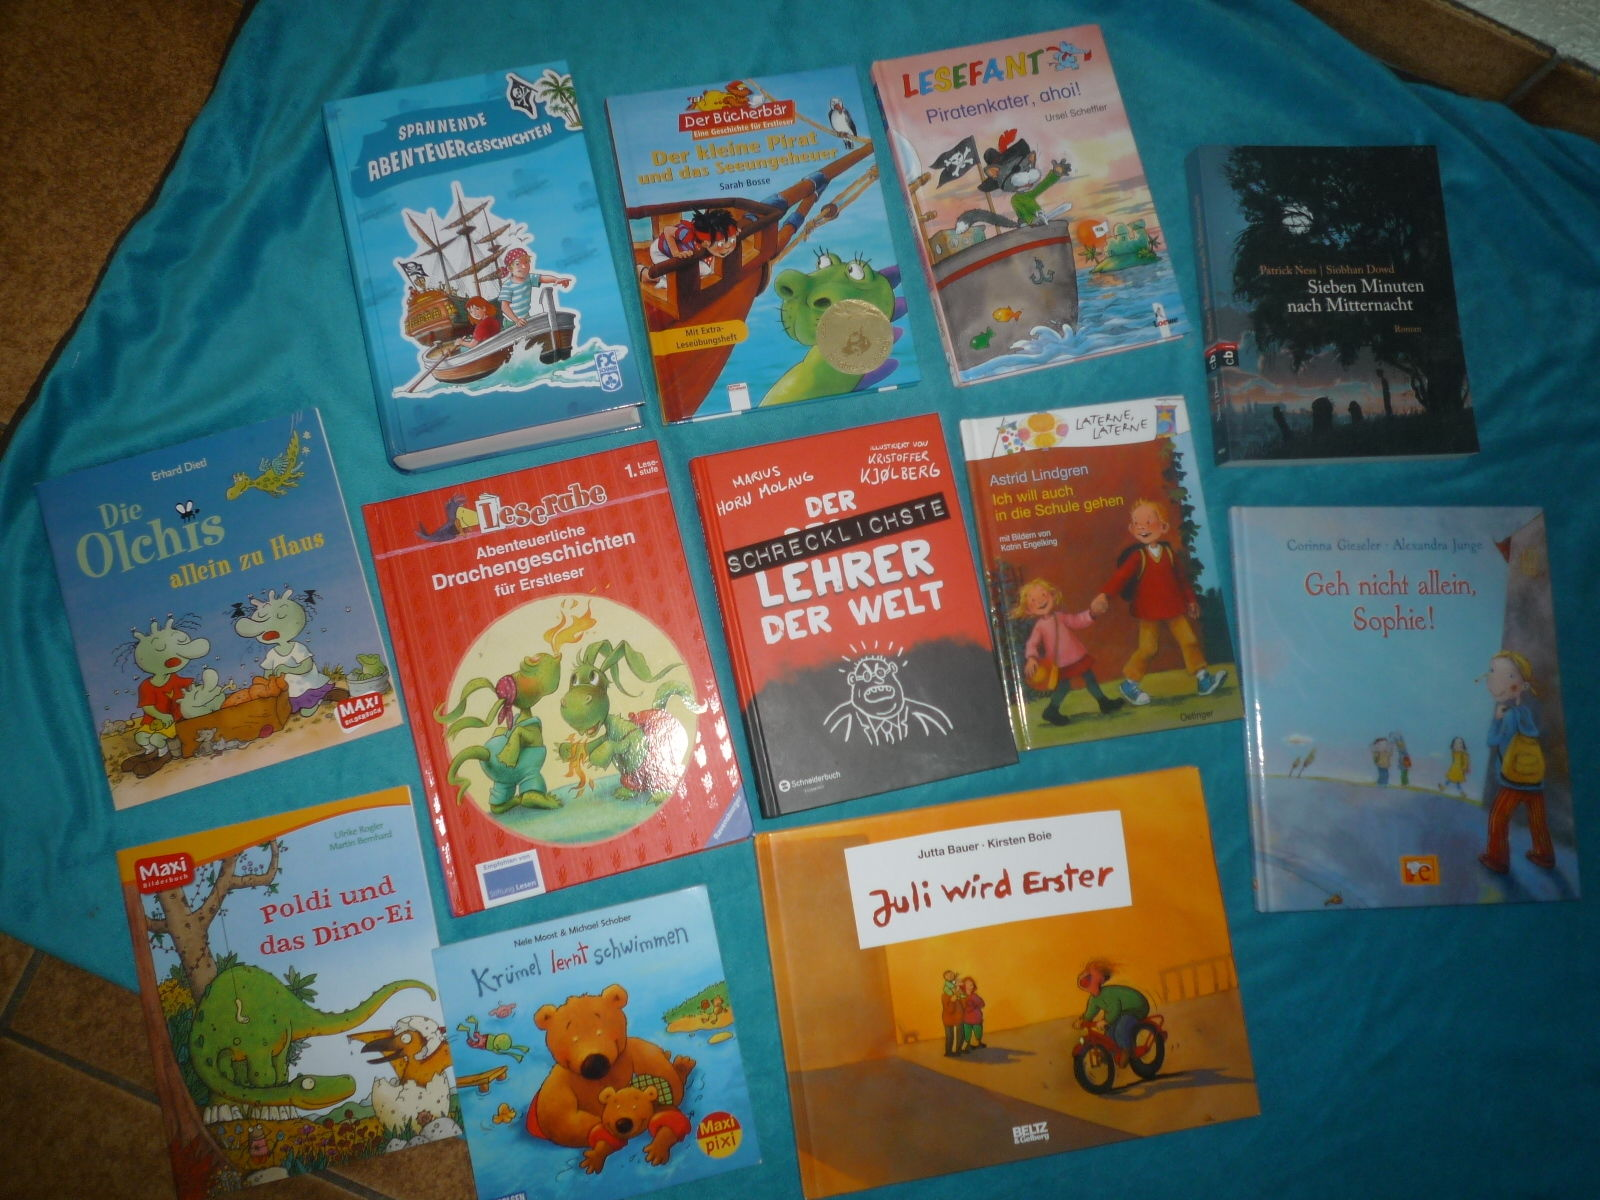 Paket Bilderbücher Kinderbücher Olchis Lindgren Lese-Lernbücher 12 Stück TOP